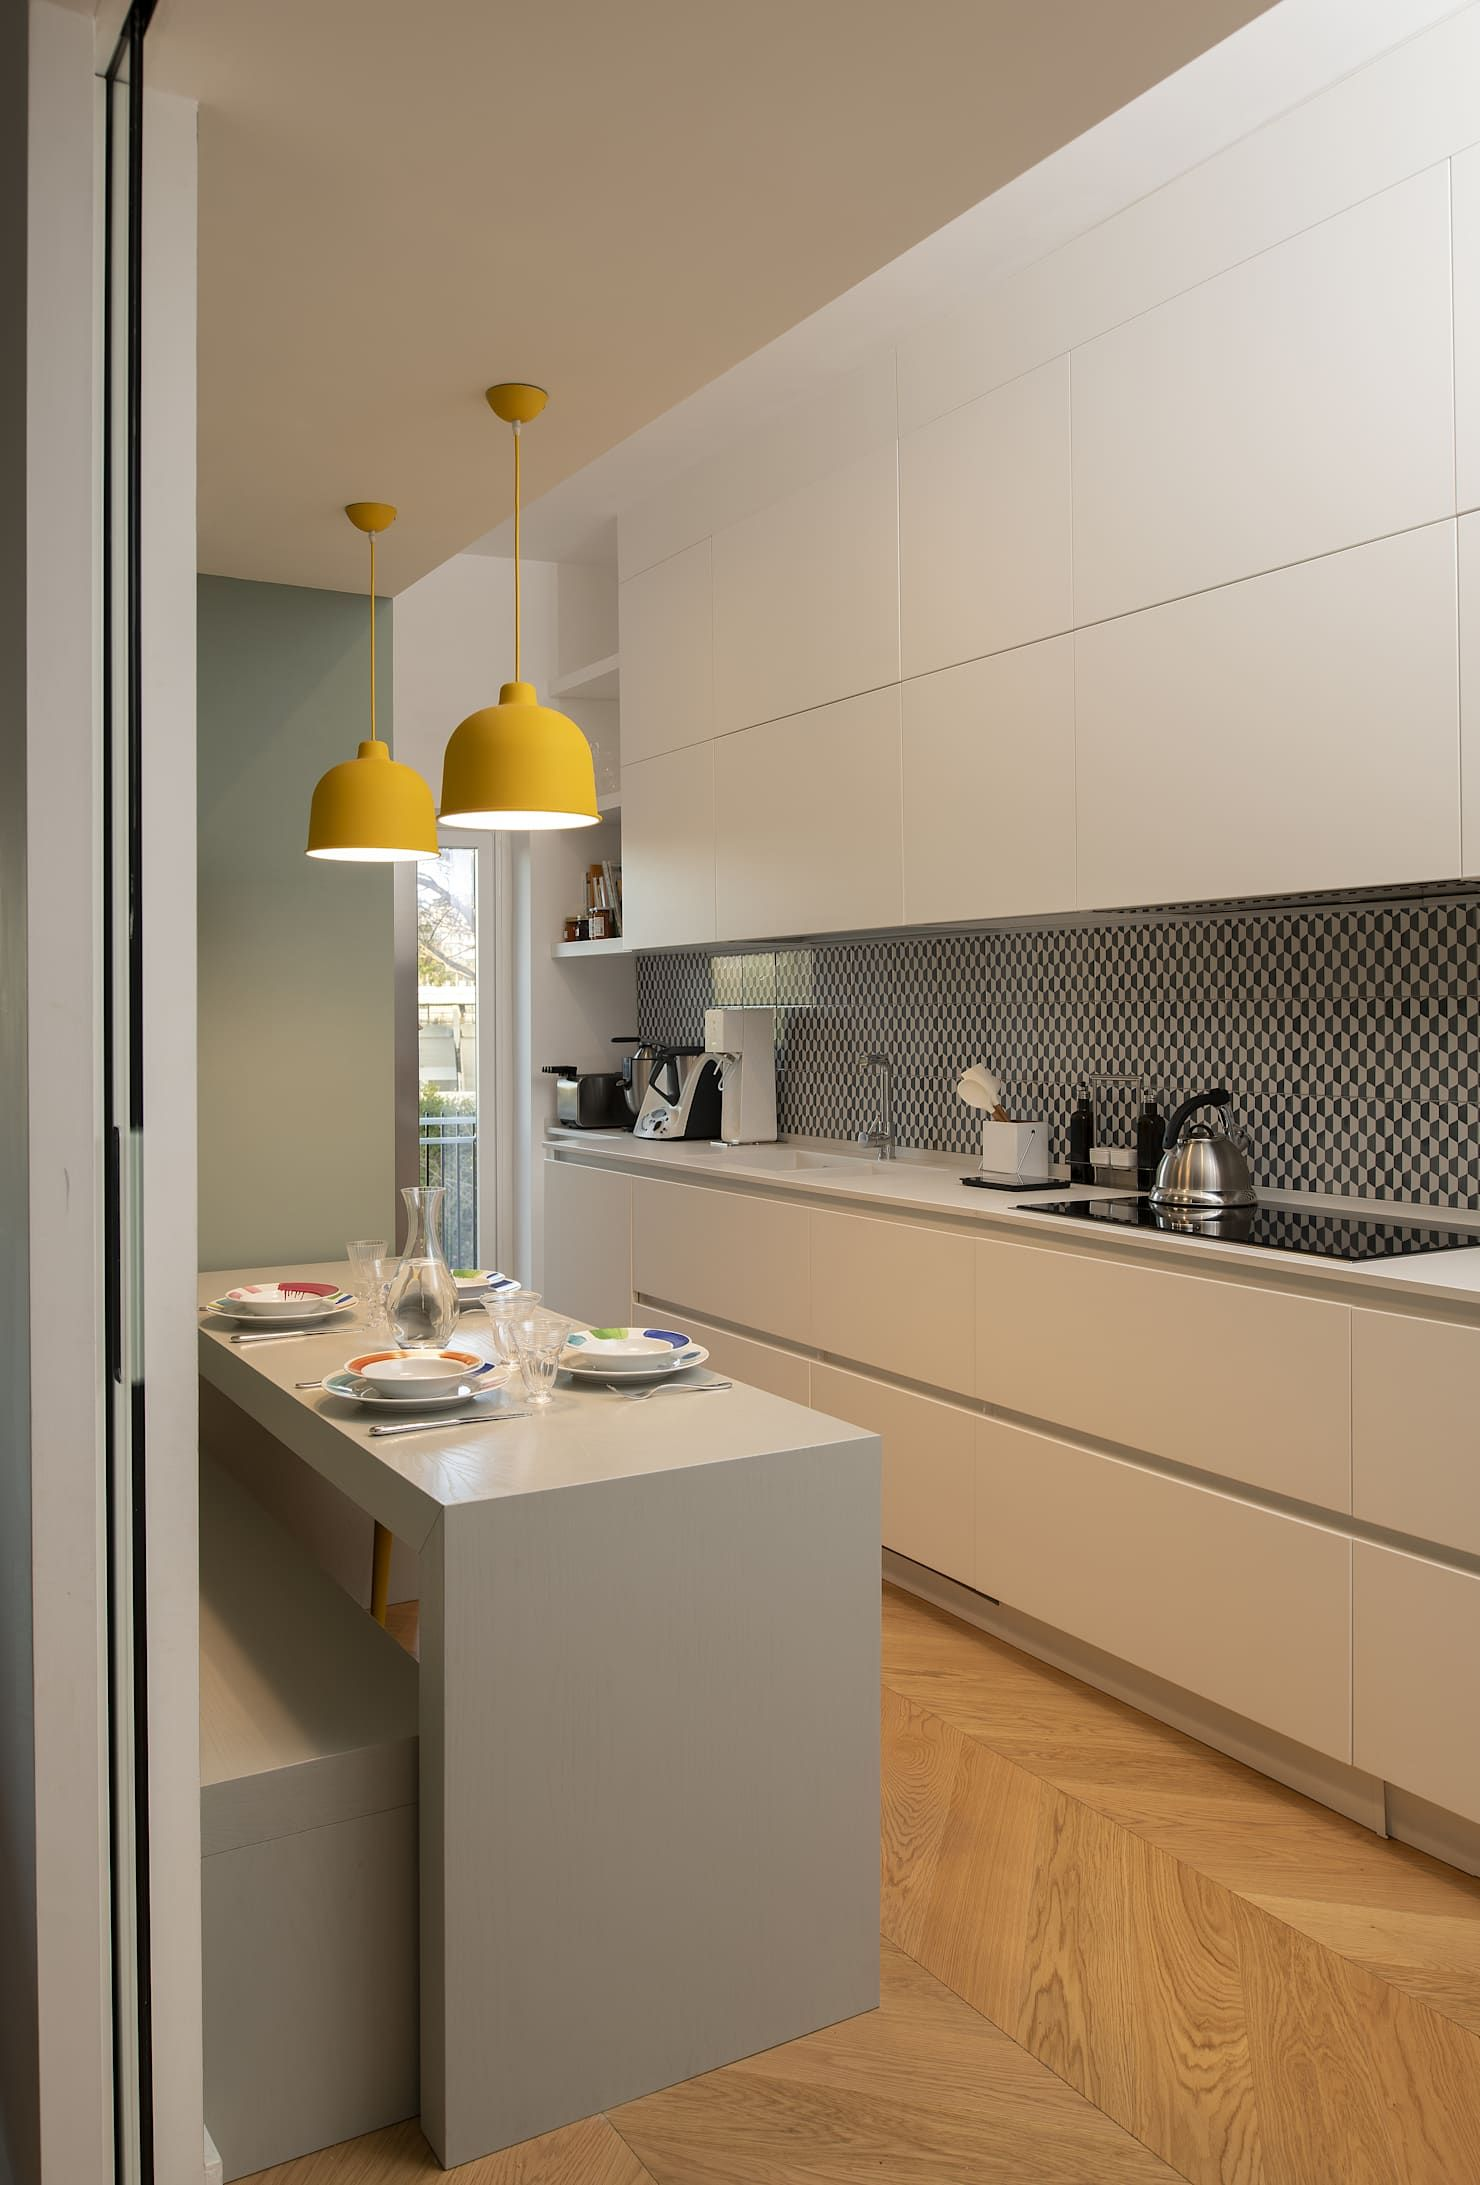 Architettura E Design casa tiziano cucina moderna di arabella rocca architettura e